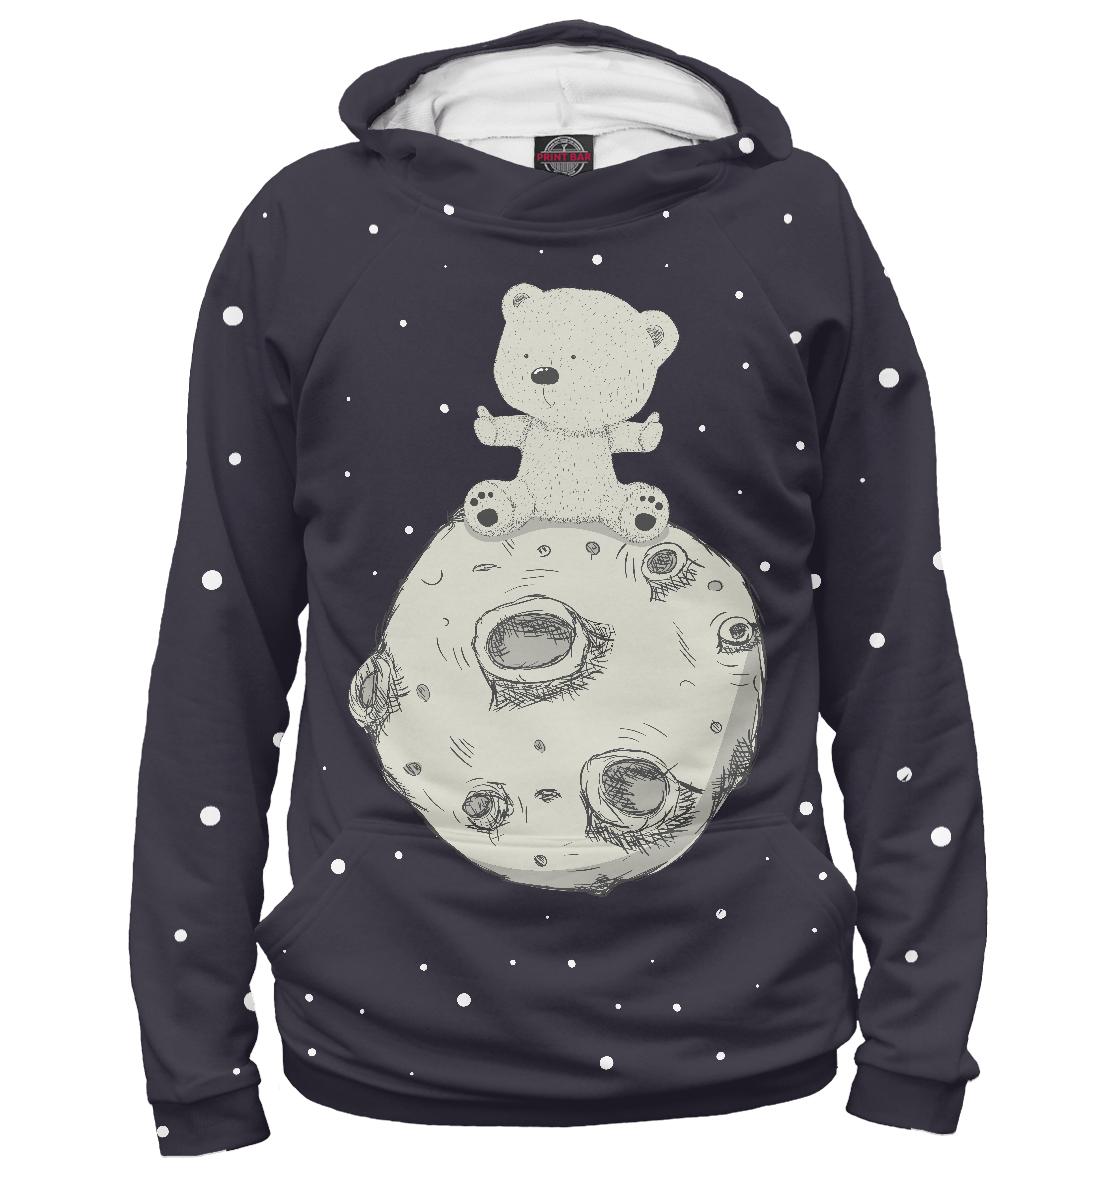 Купить Мишка на луне, Printbar, Худи, MED-650585-hud-2